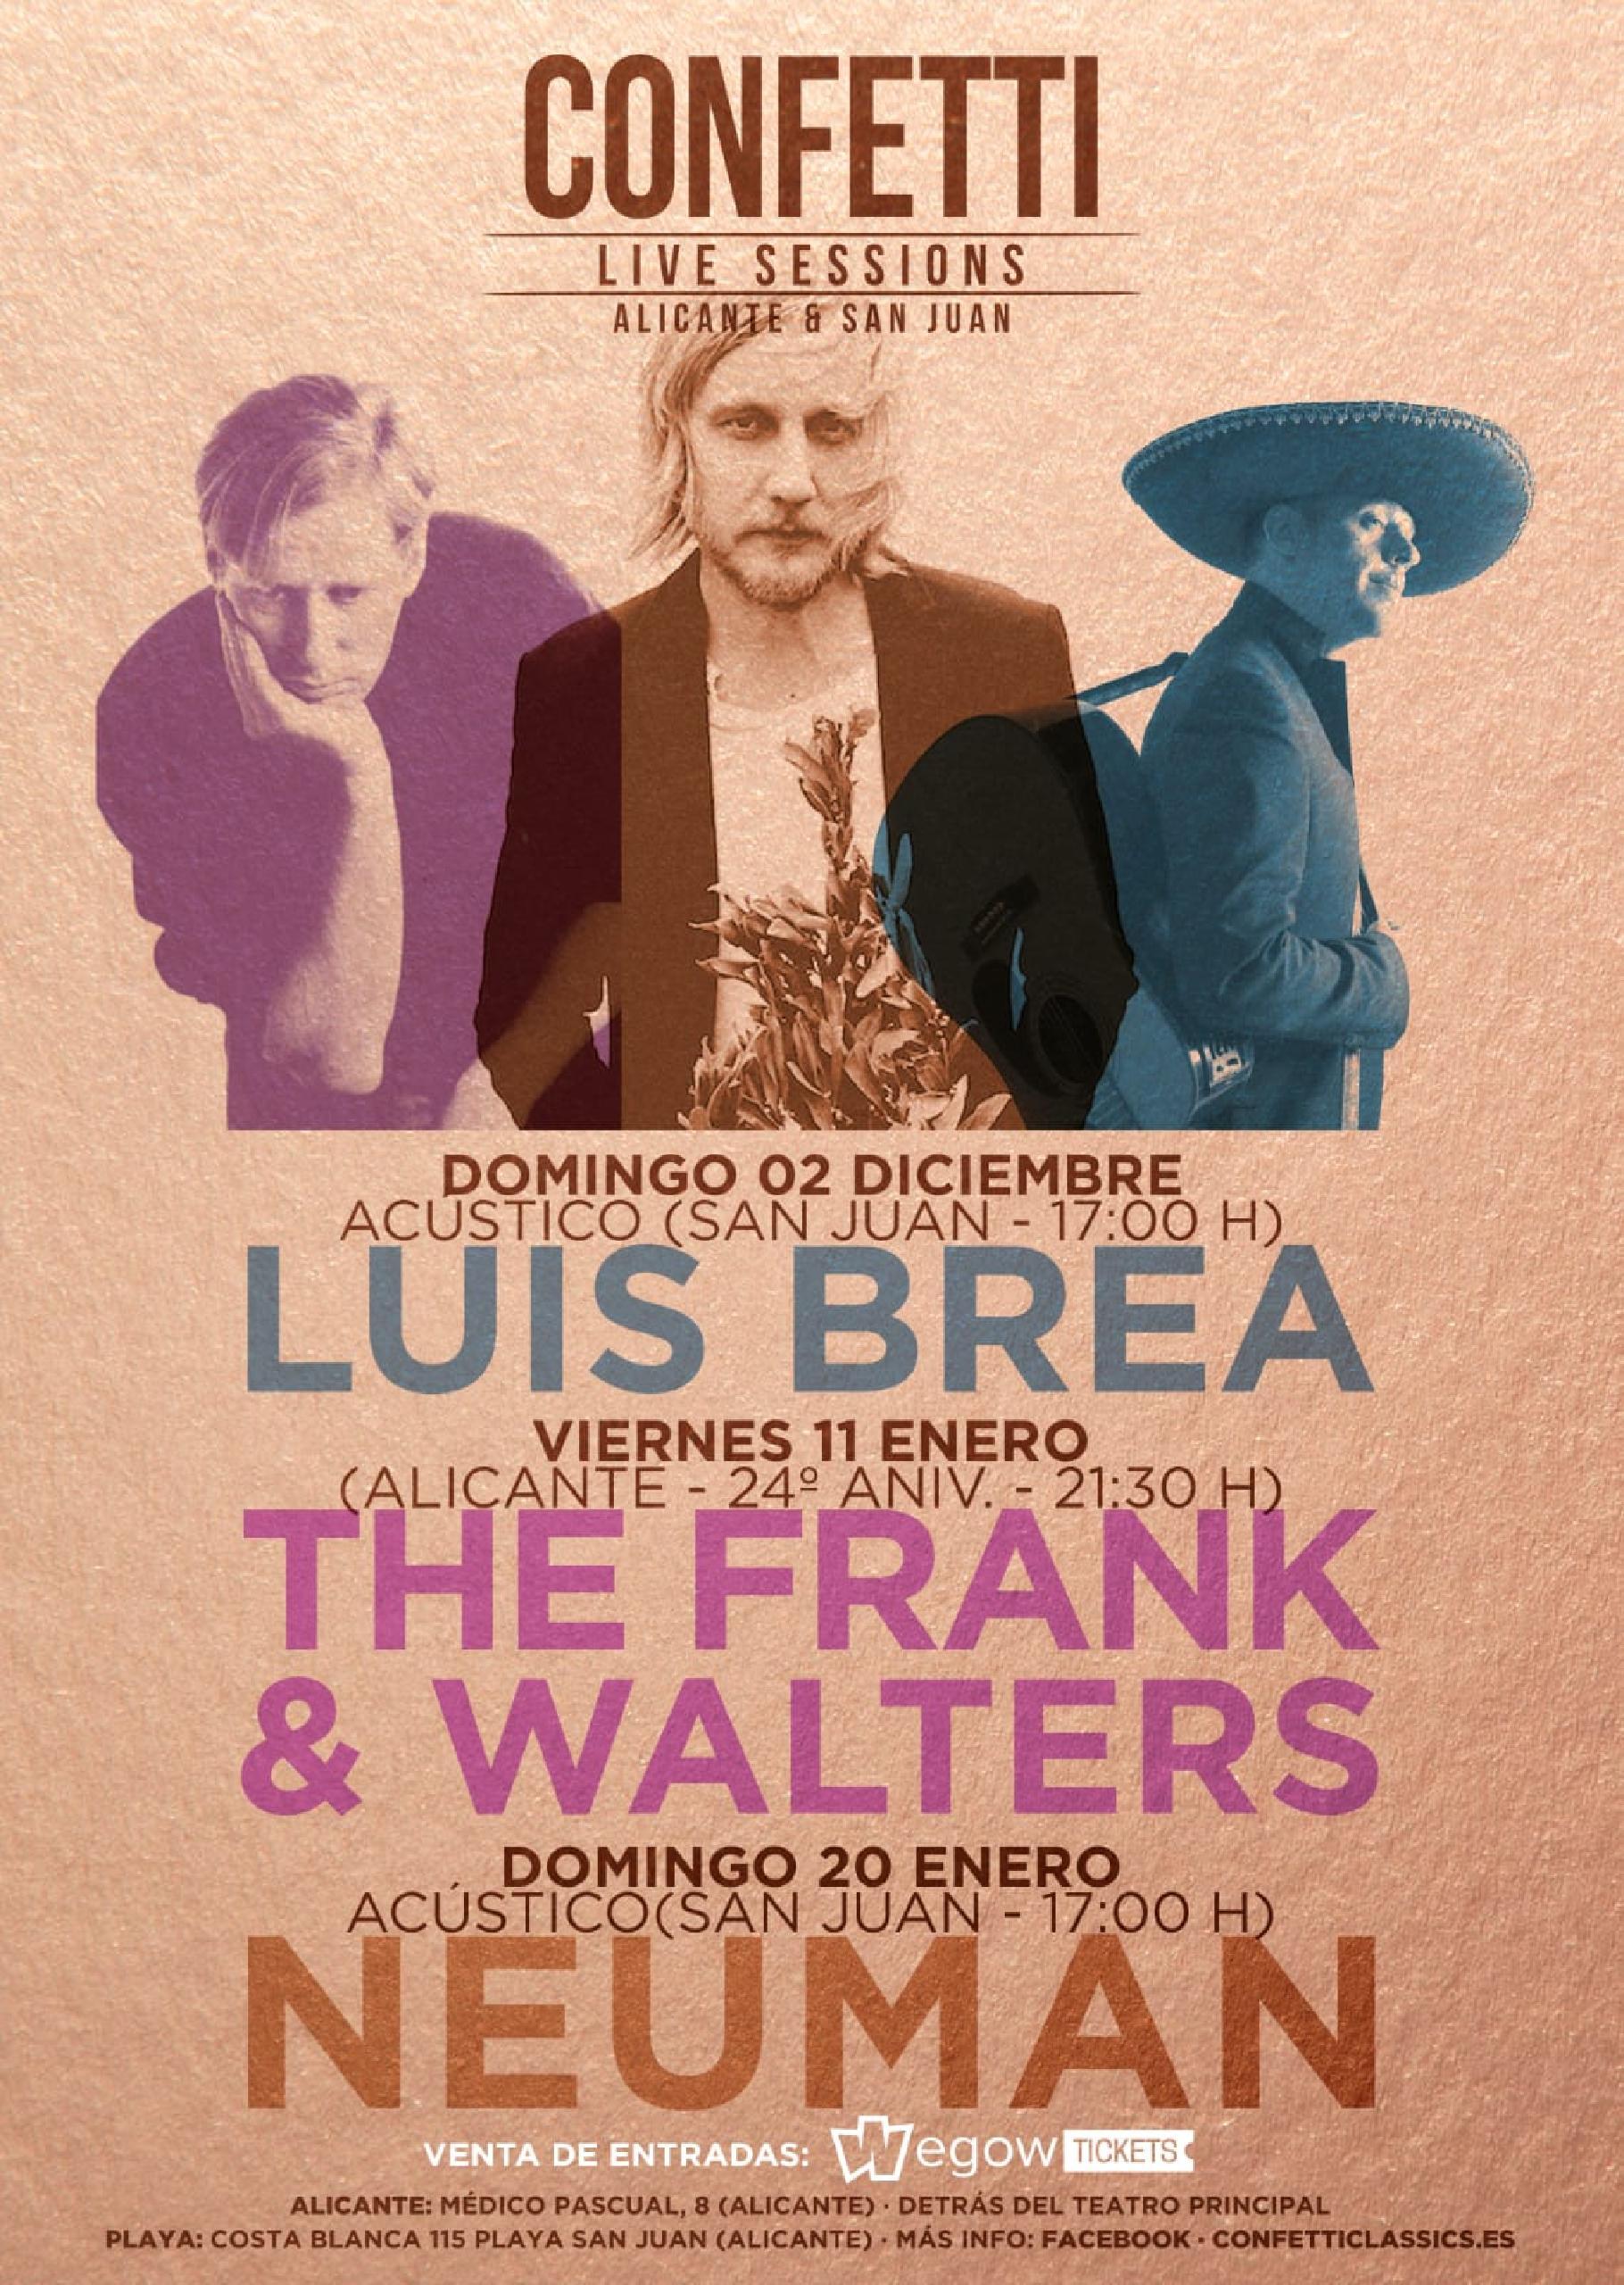 Concierto de The Frank & Walters en Alicante